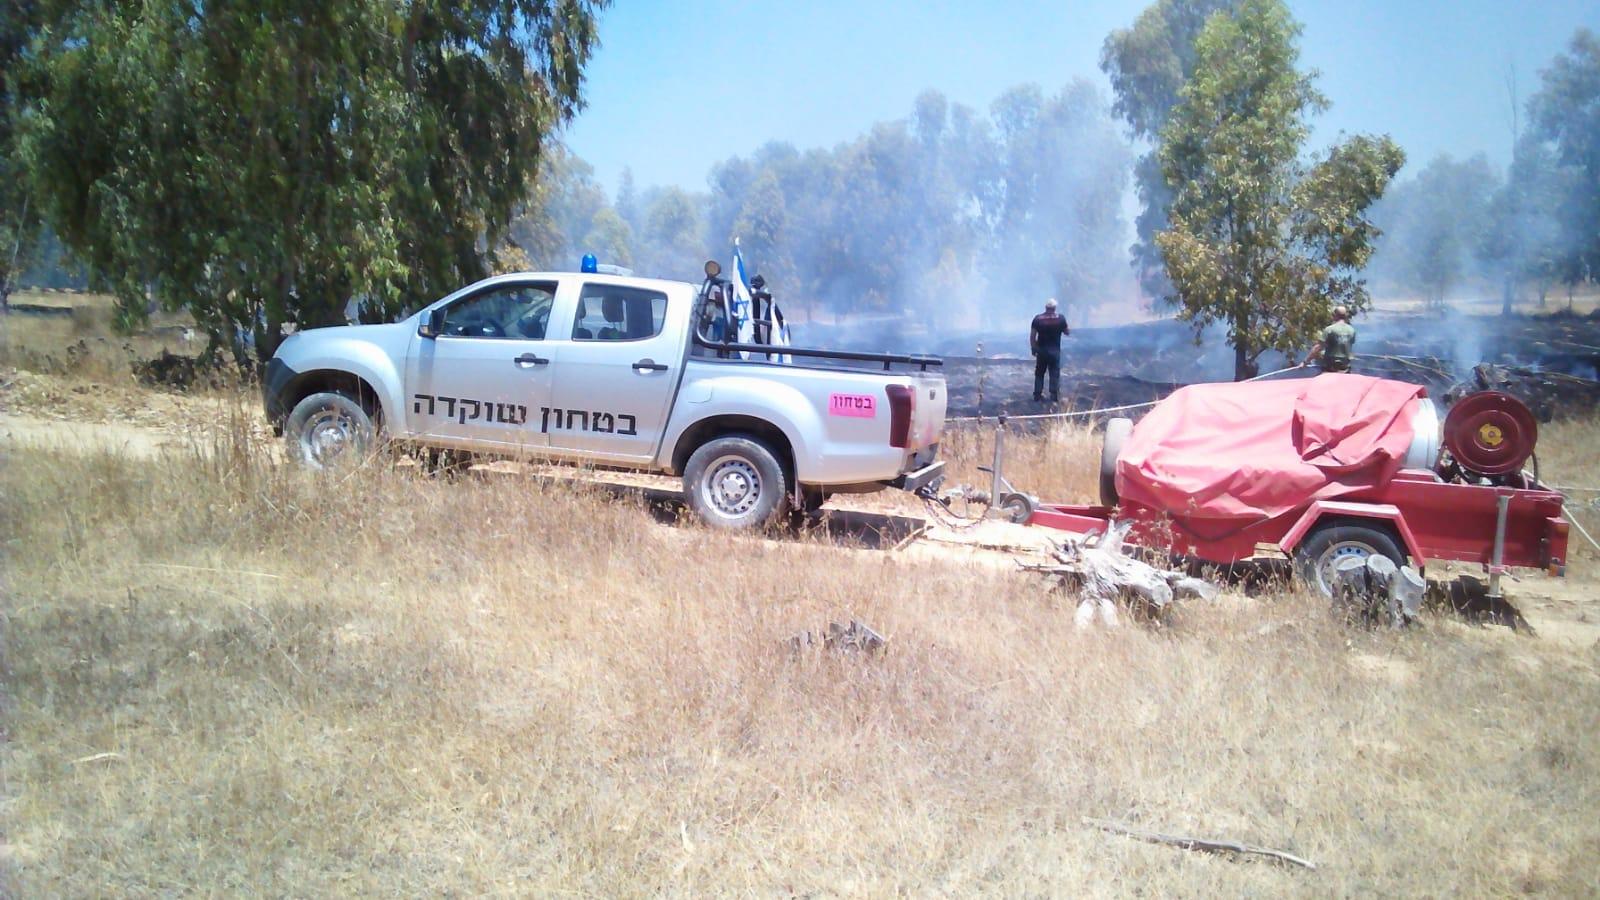 עפיפון תבערה גרם לשריפה ביער שוקדה, כוחות רבים הוזעקו למקום